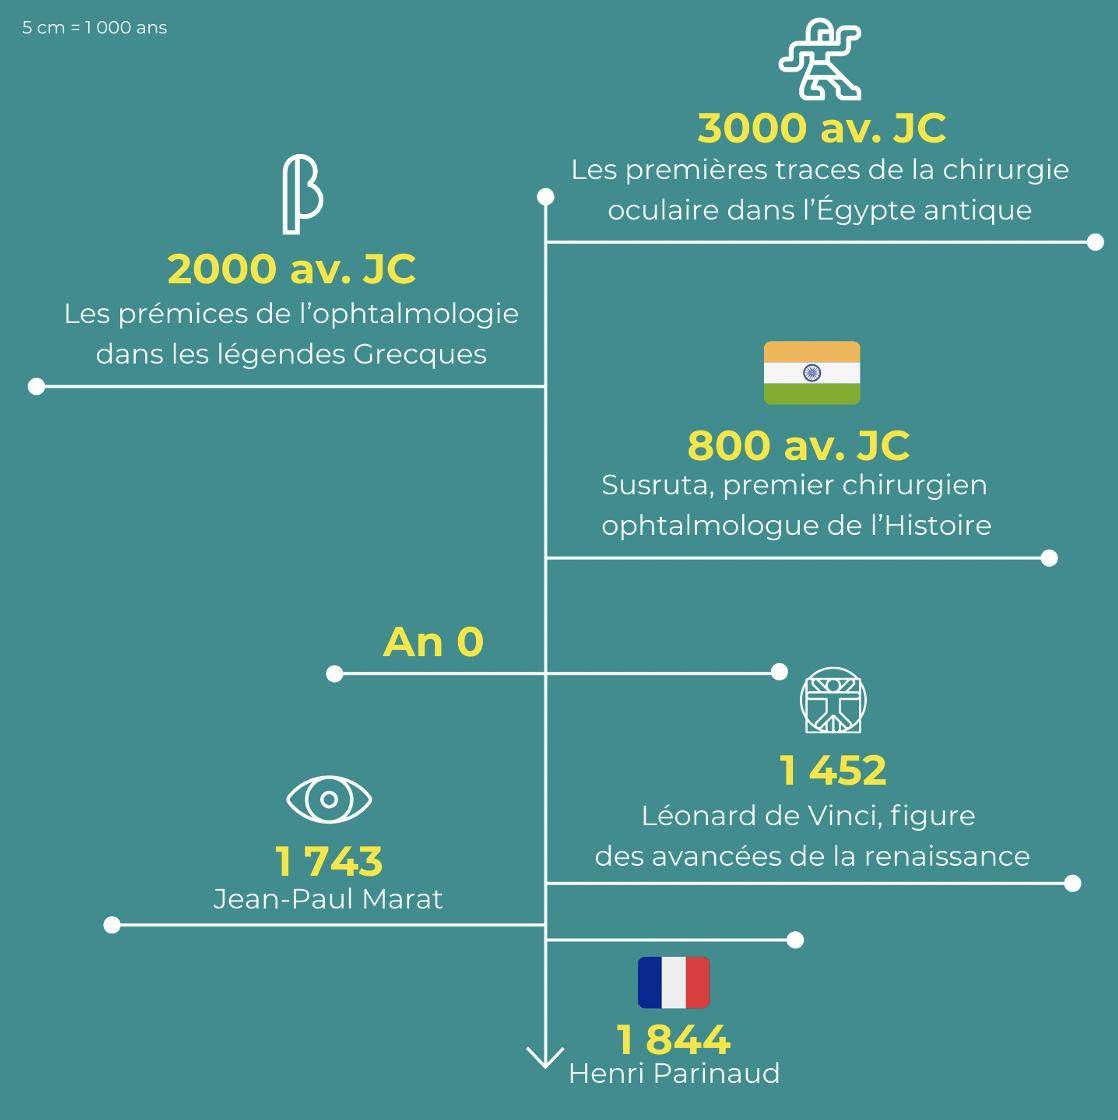 frise chronologique de l'histoire de l'ophtalmologie